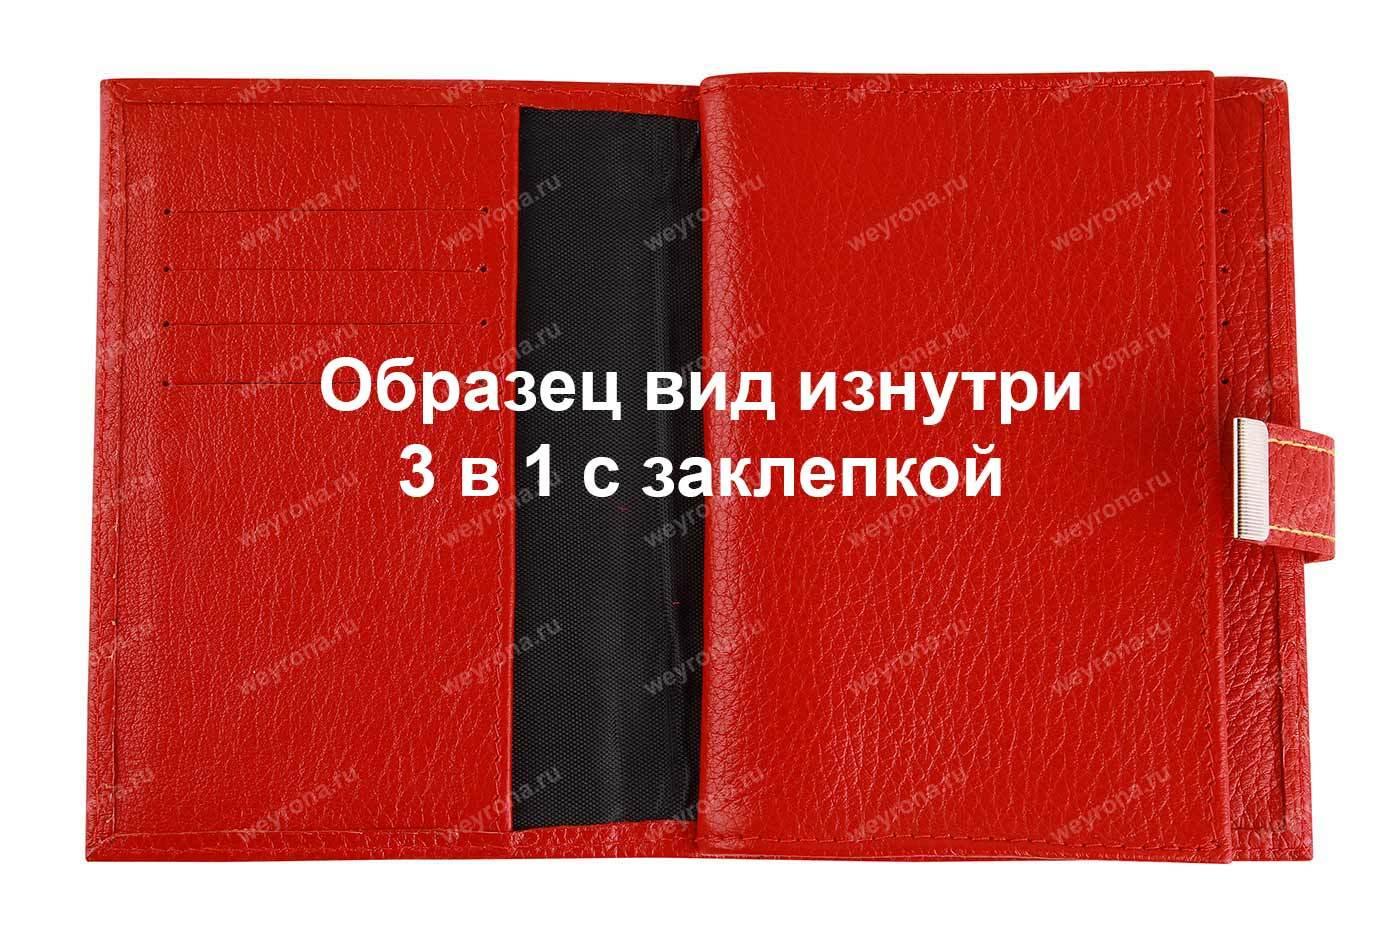 Обложка с заклепкой ФЛОТЕР ЖЕЛТЫЙ  3 в 1 (ТЕЛЯЧЬЯ КОЖА)